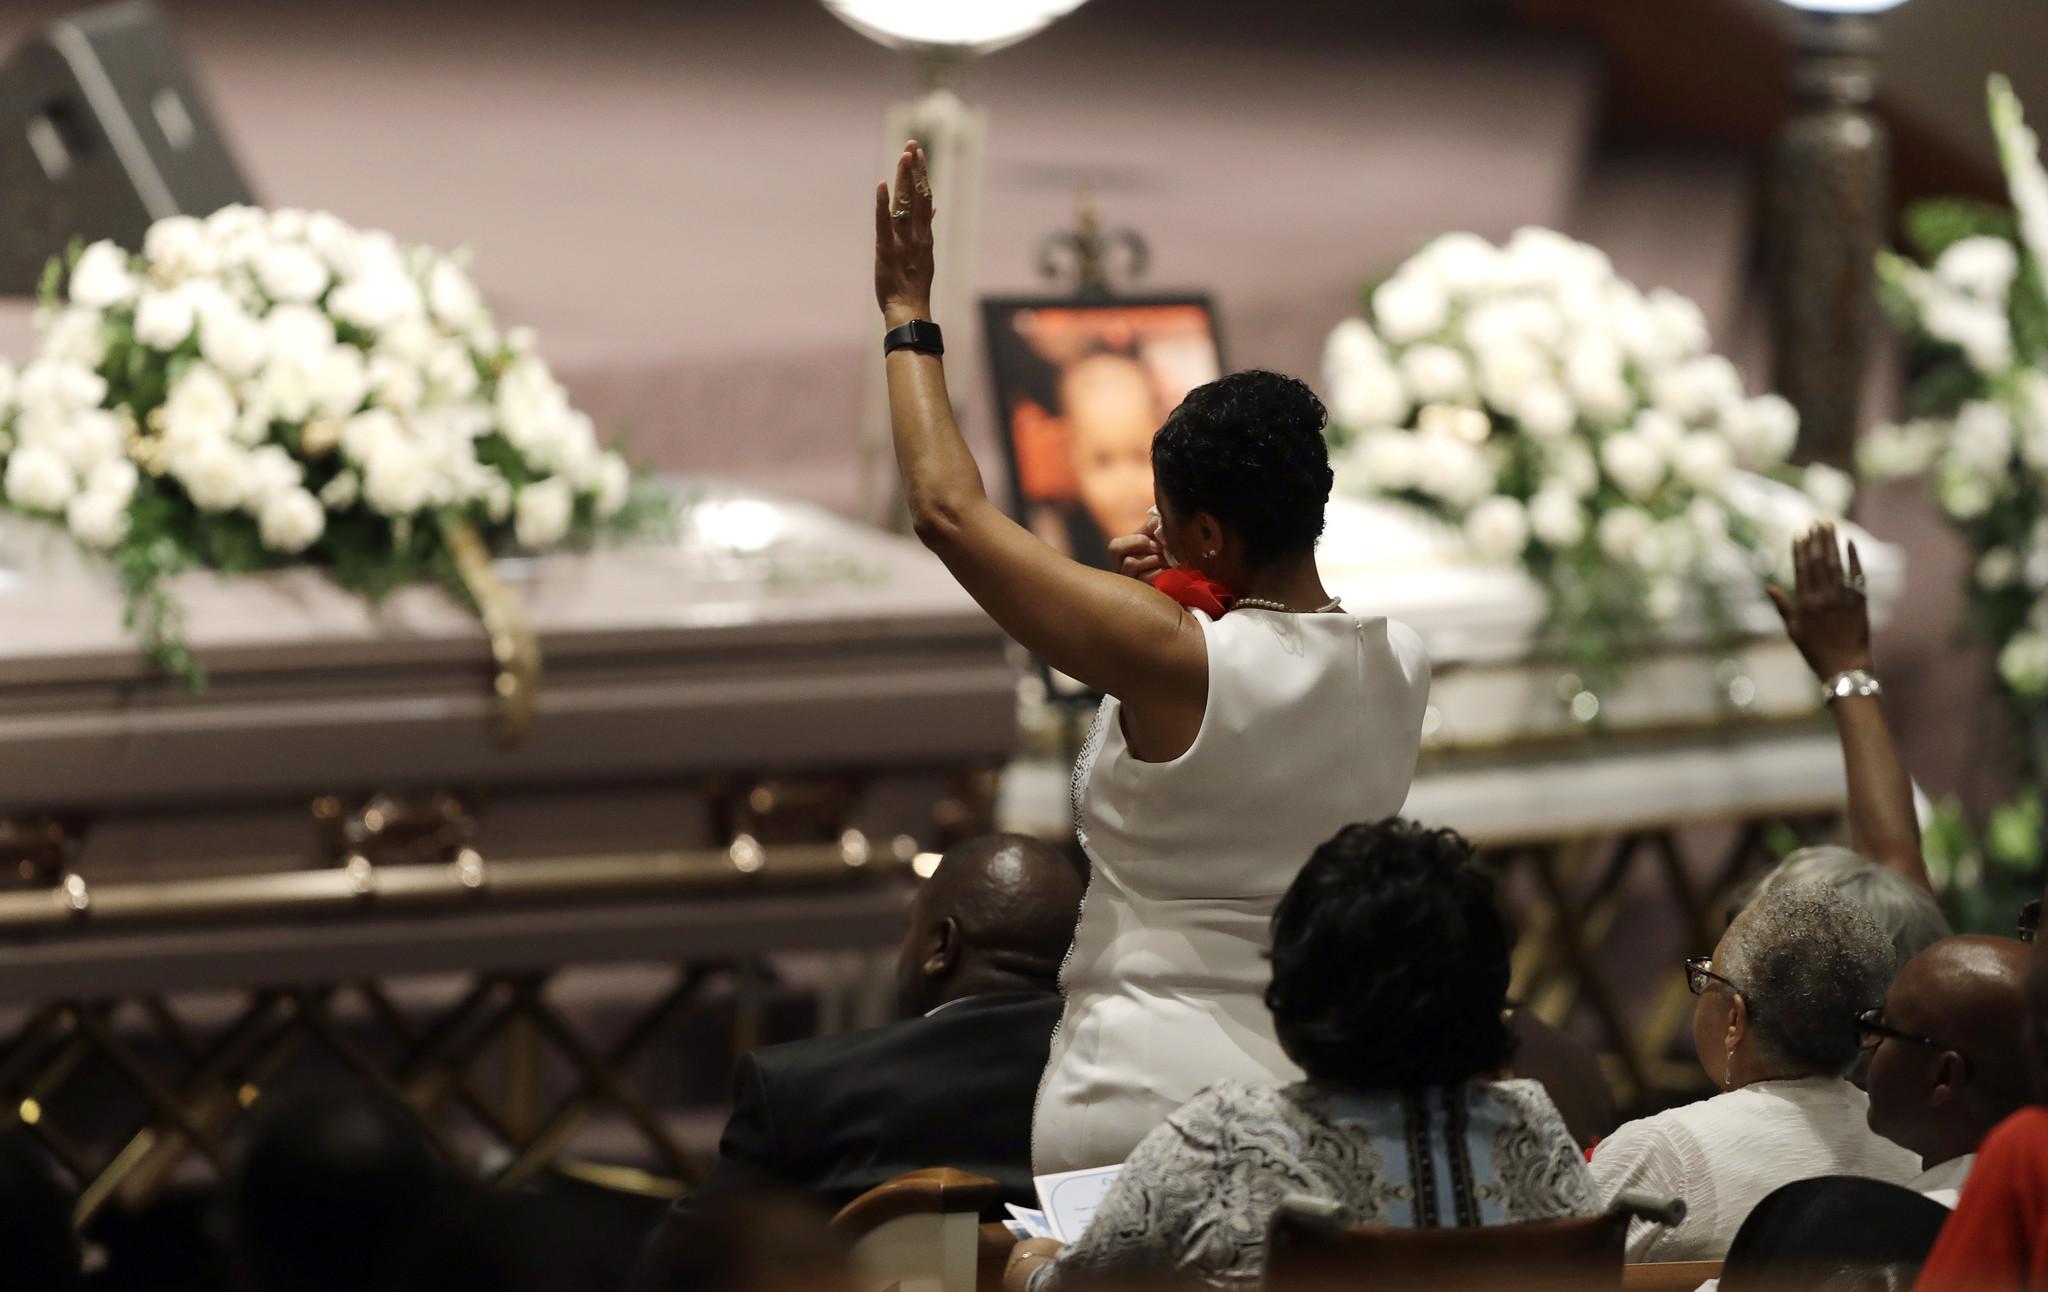 Funeral held for last 5 of 9 indiana relatives killed in missouri funeral held for last 5 of 9 indiana relatives killed in missouri duck boat sinking chicago tribune izmirmasajfo